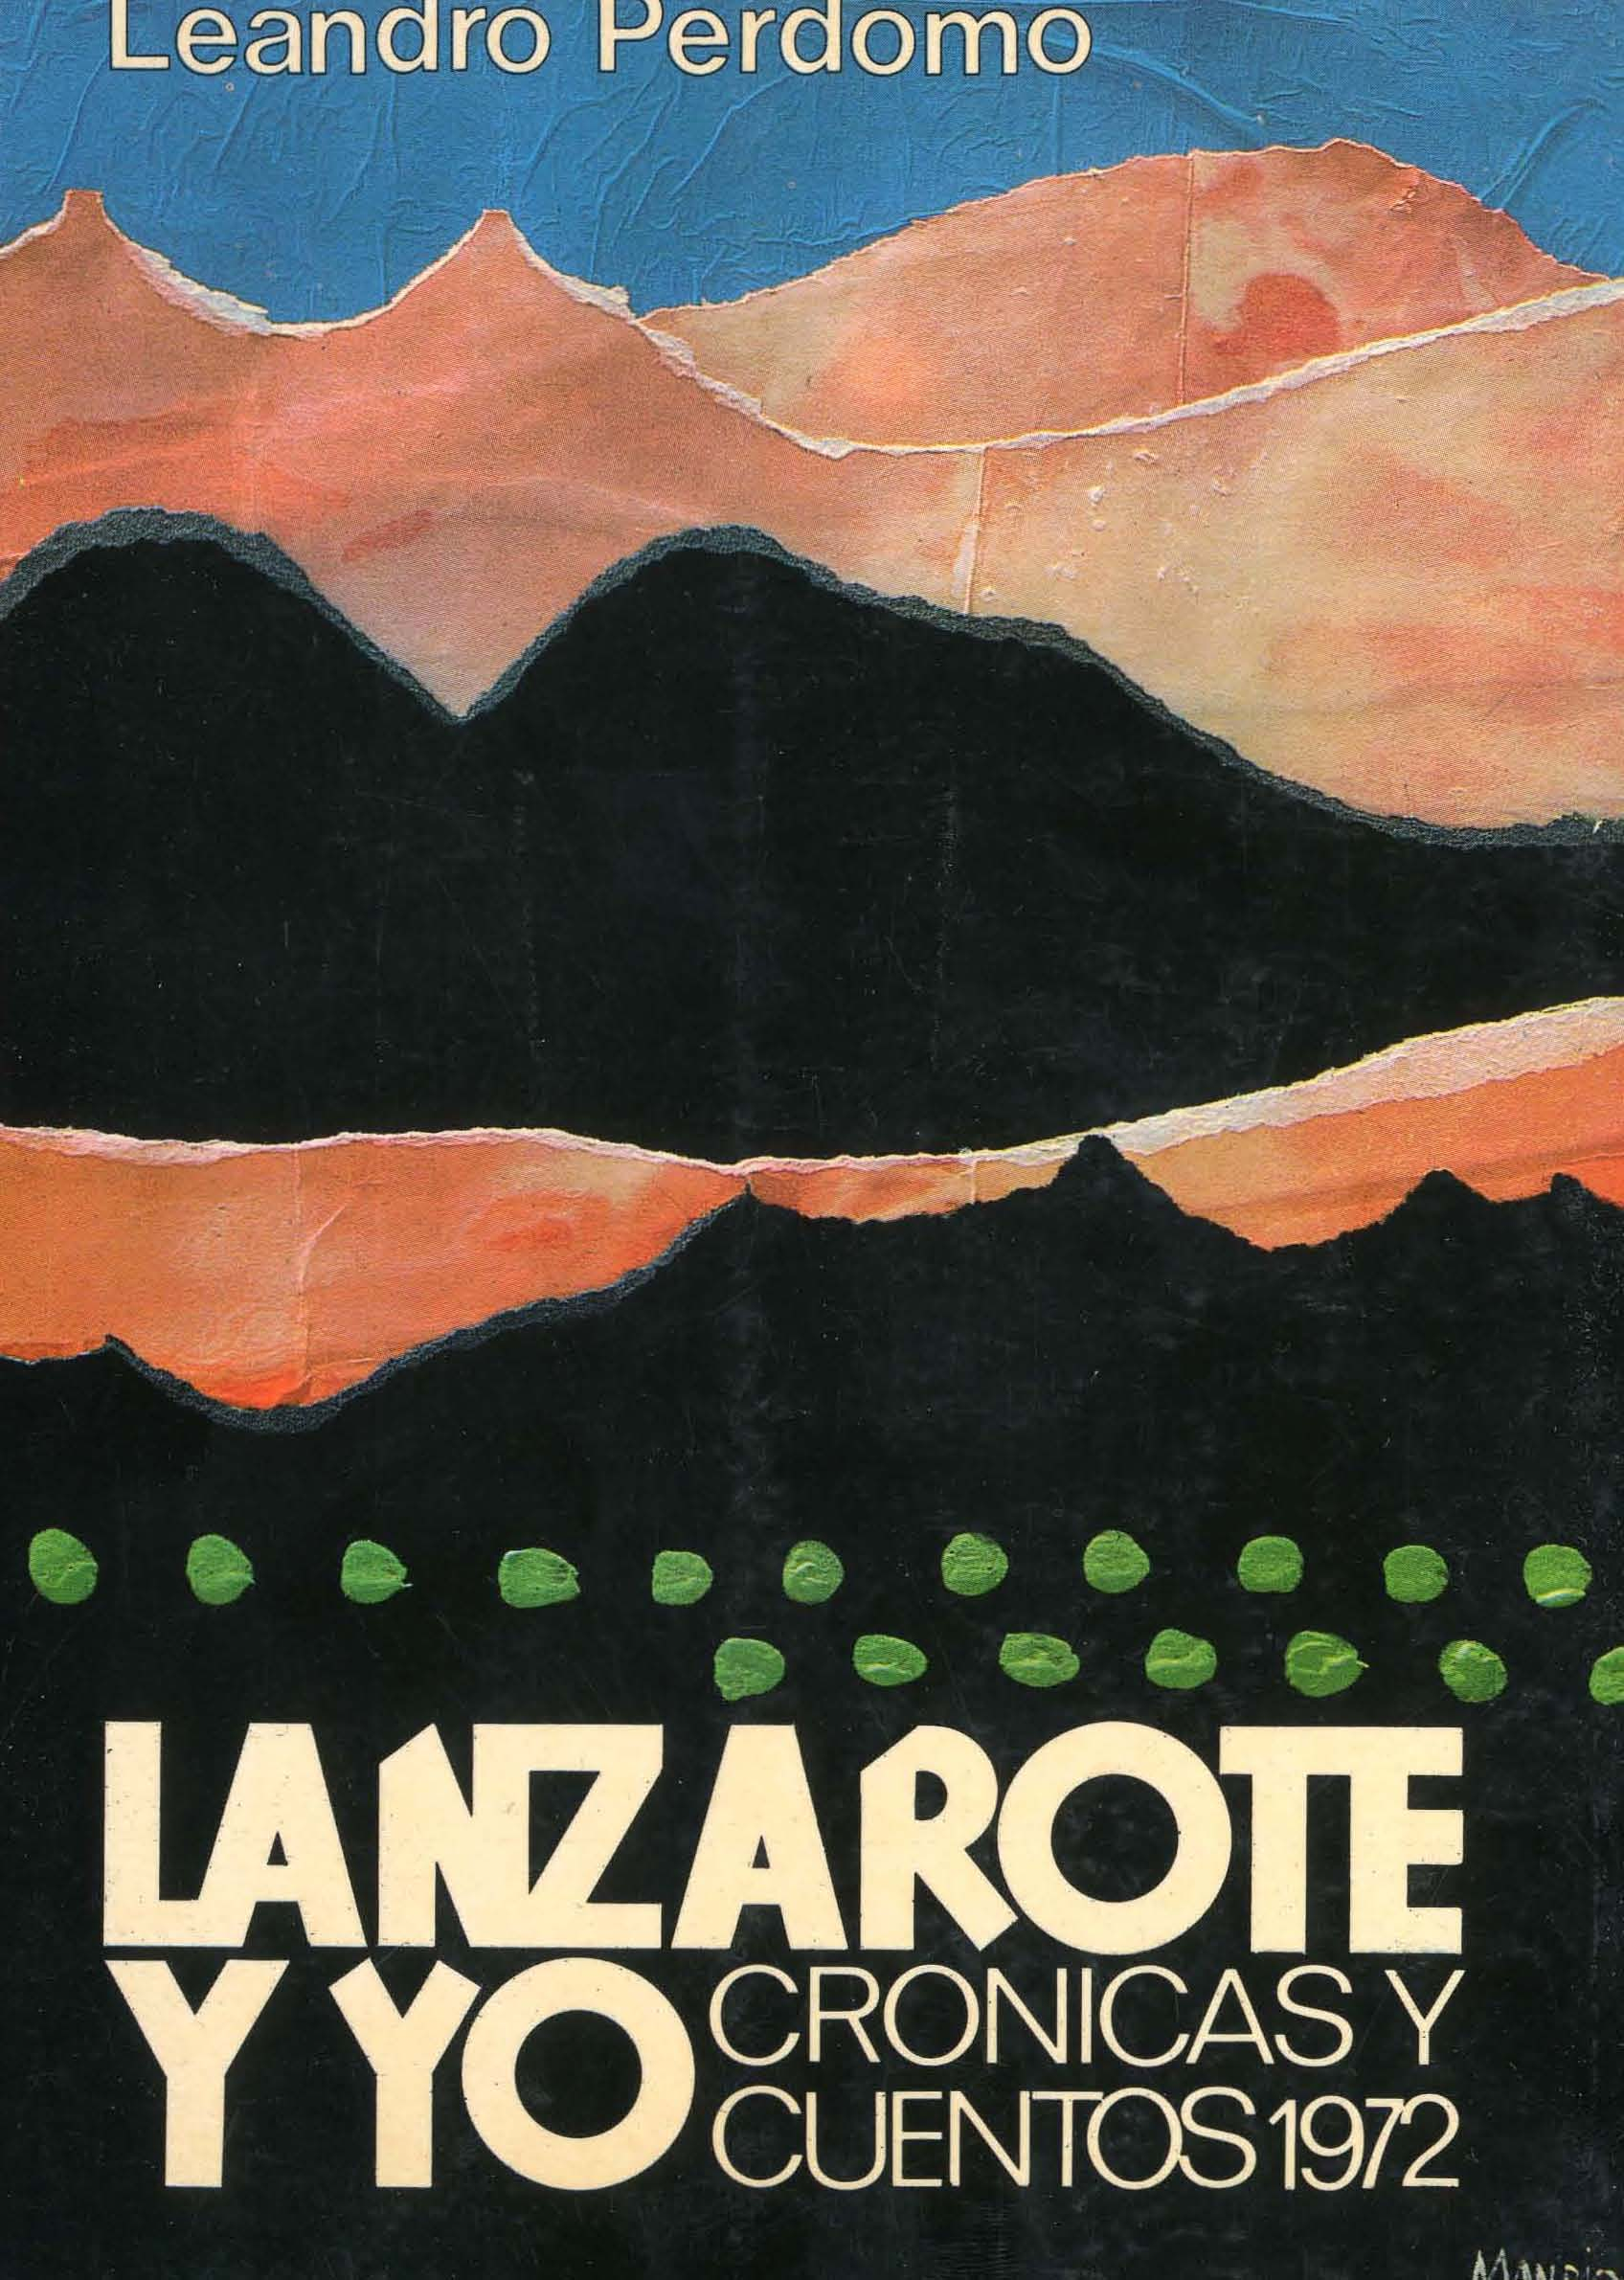 Lanzarote y yo: crónicas y cuentos 1972